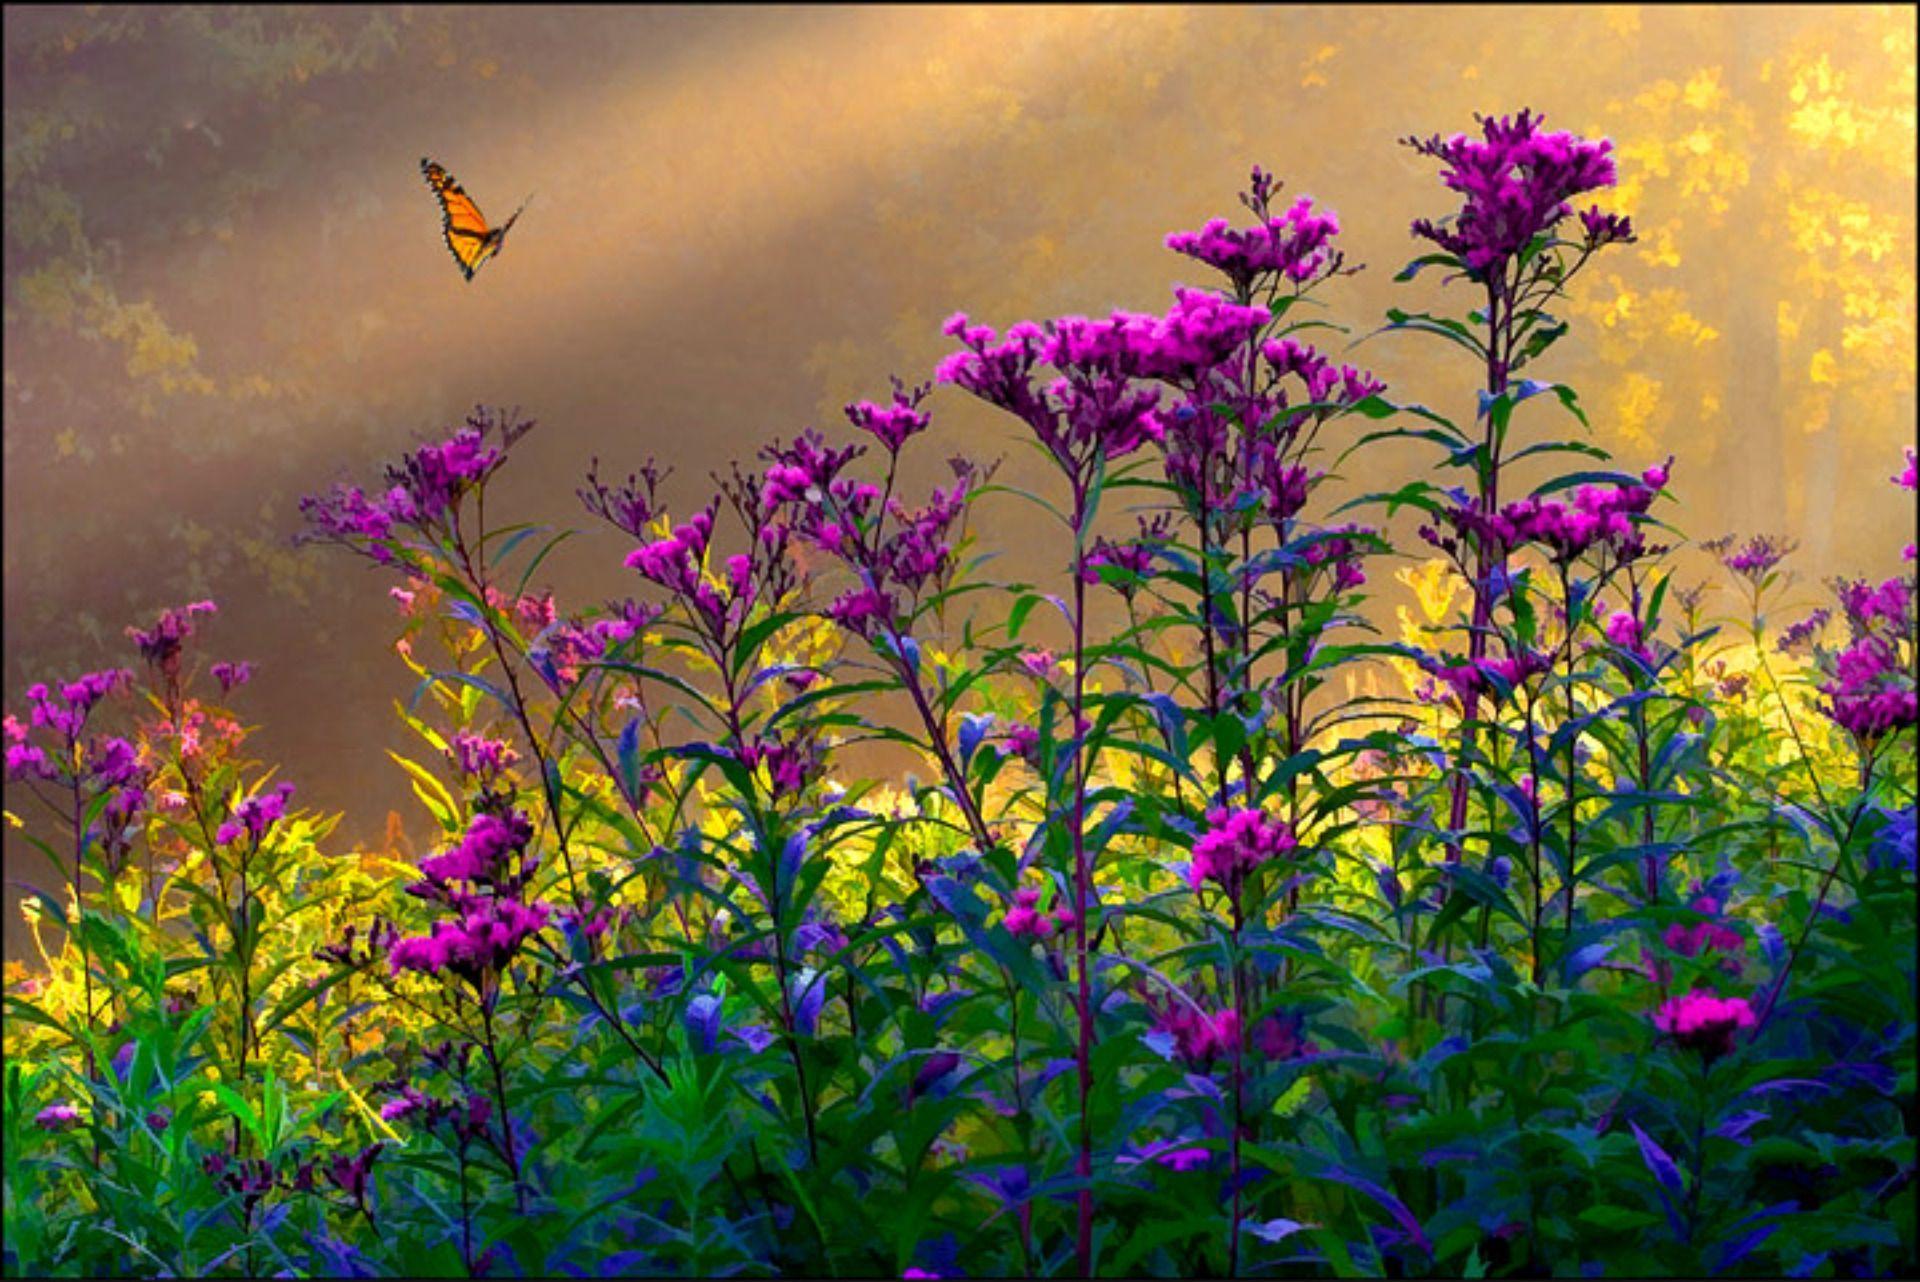 ВИДЕО: Рисуем красивые полевые цветы маслом